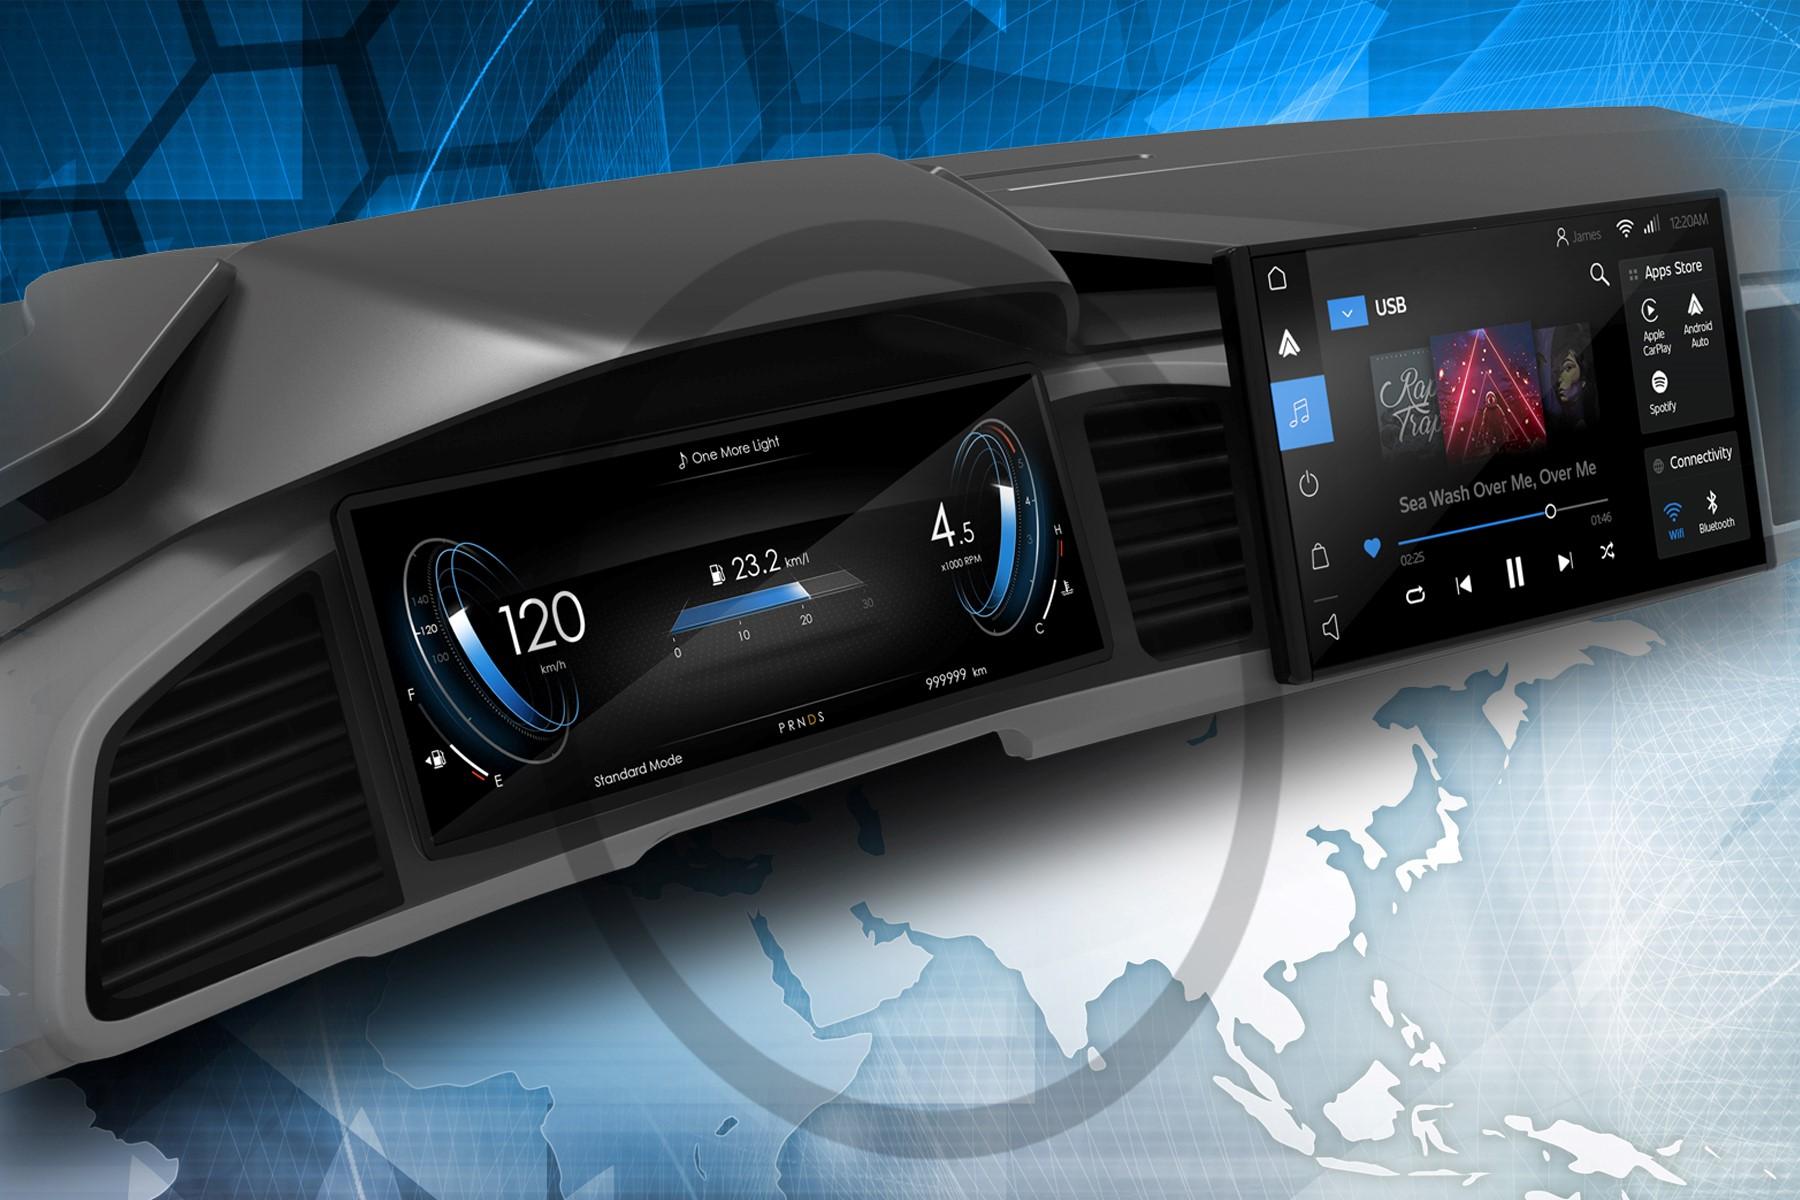 伟世通,ECARX和高通公司致力于智能数字驾驶舱